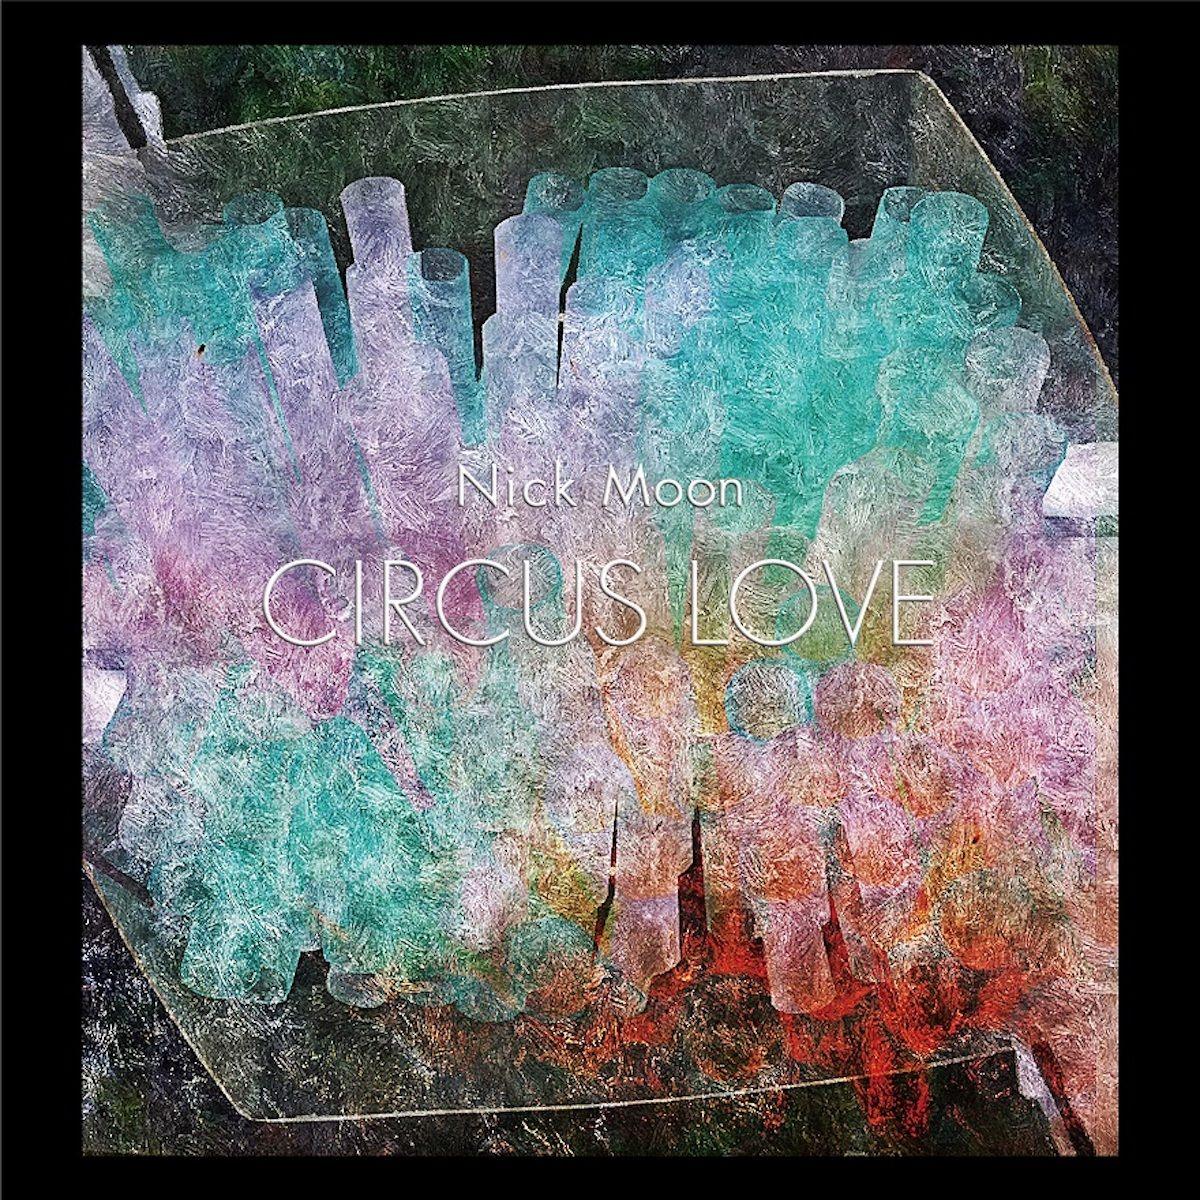 【レポート】ニック・ムーン、ソロアルバム『CIRCUS LOVE』への期待高まる世界初ソロライブ!アジカン喜多との出会いも語る! music180223_nickmoon_1-1200x1200